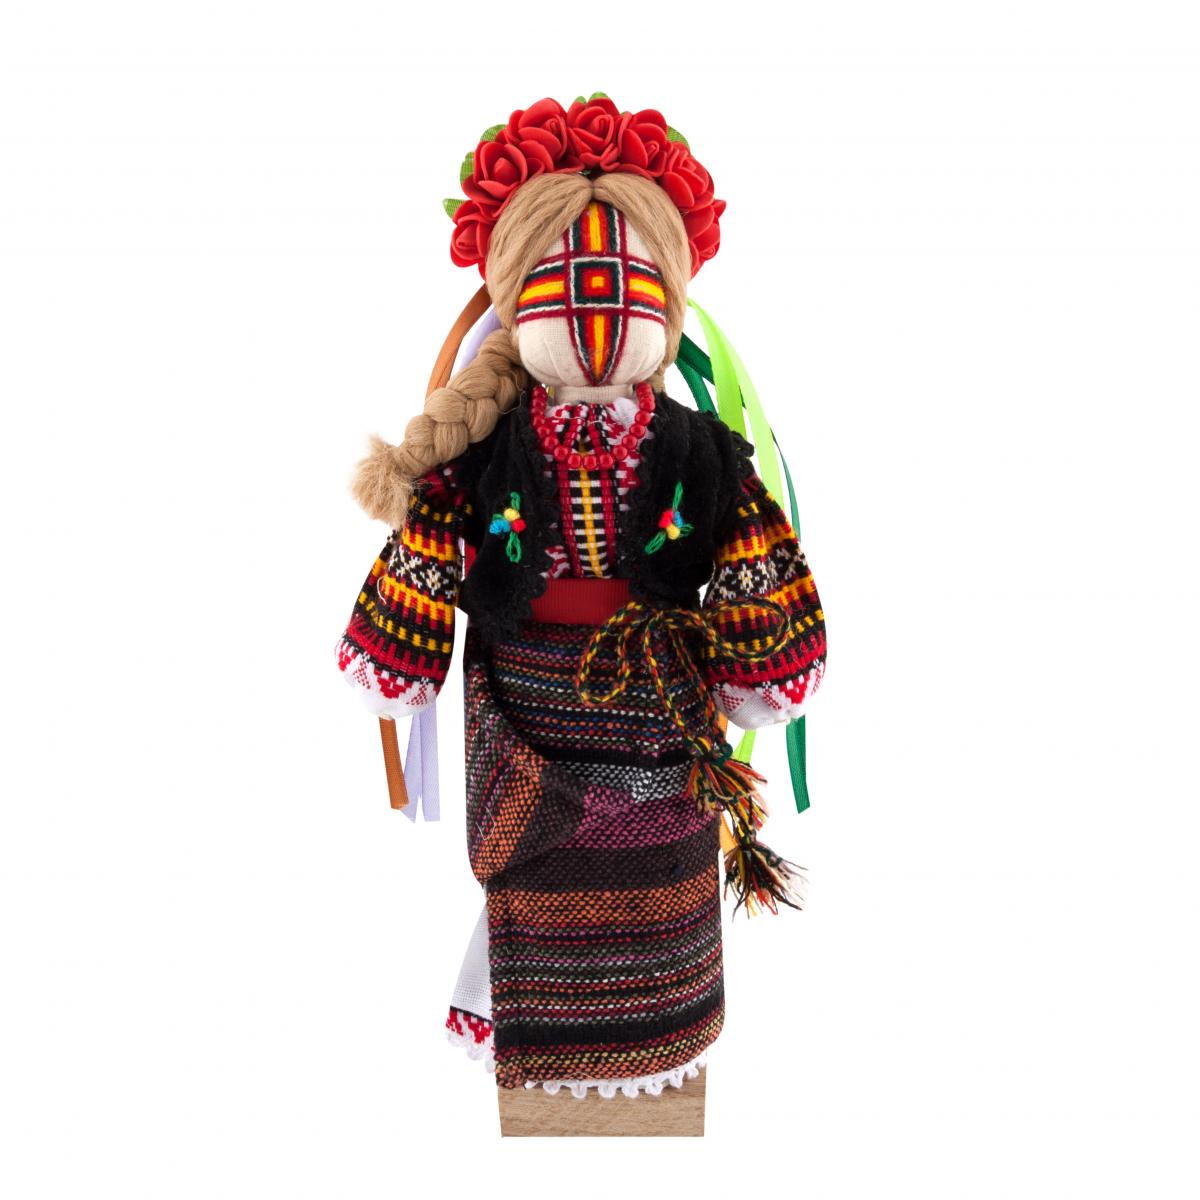 Мотанка Княгиня у вінку. Фото №2. | Народний дім Україна